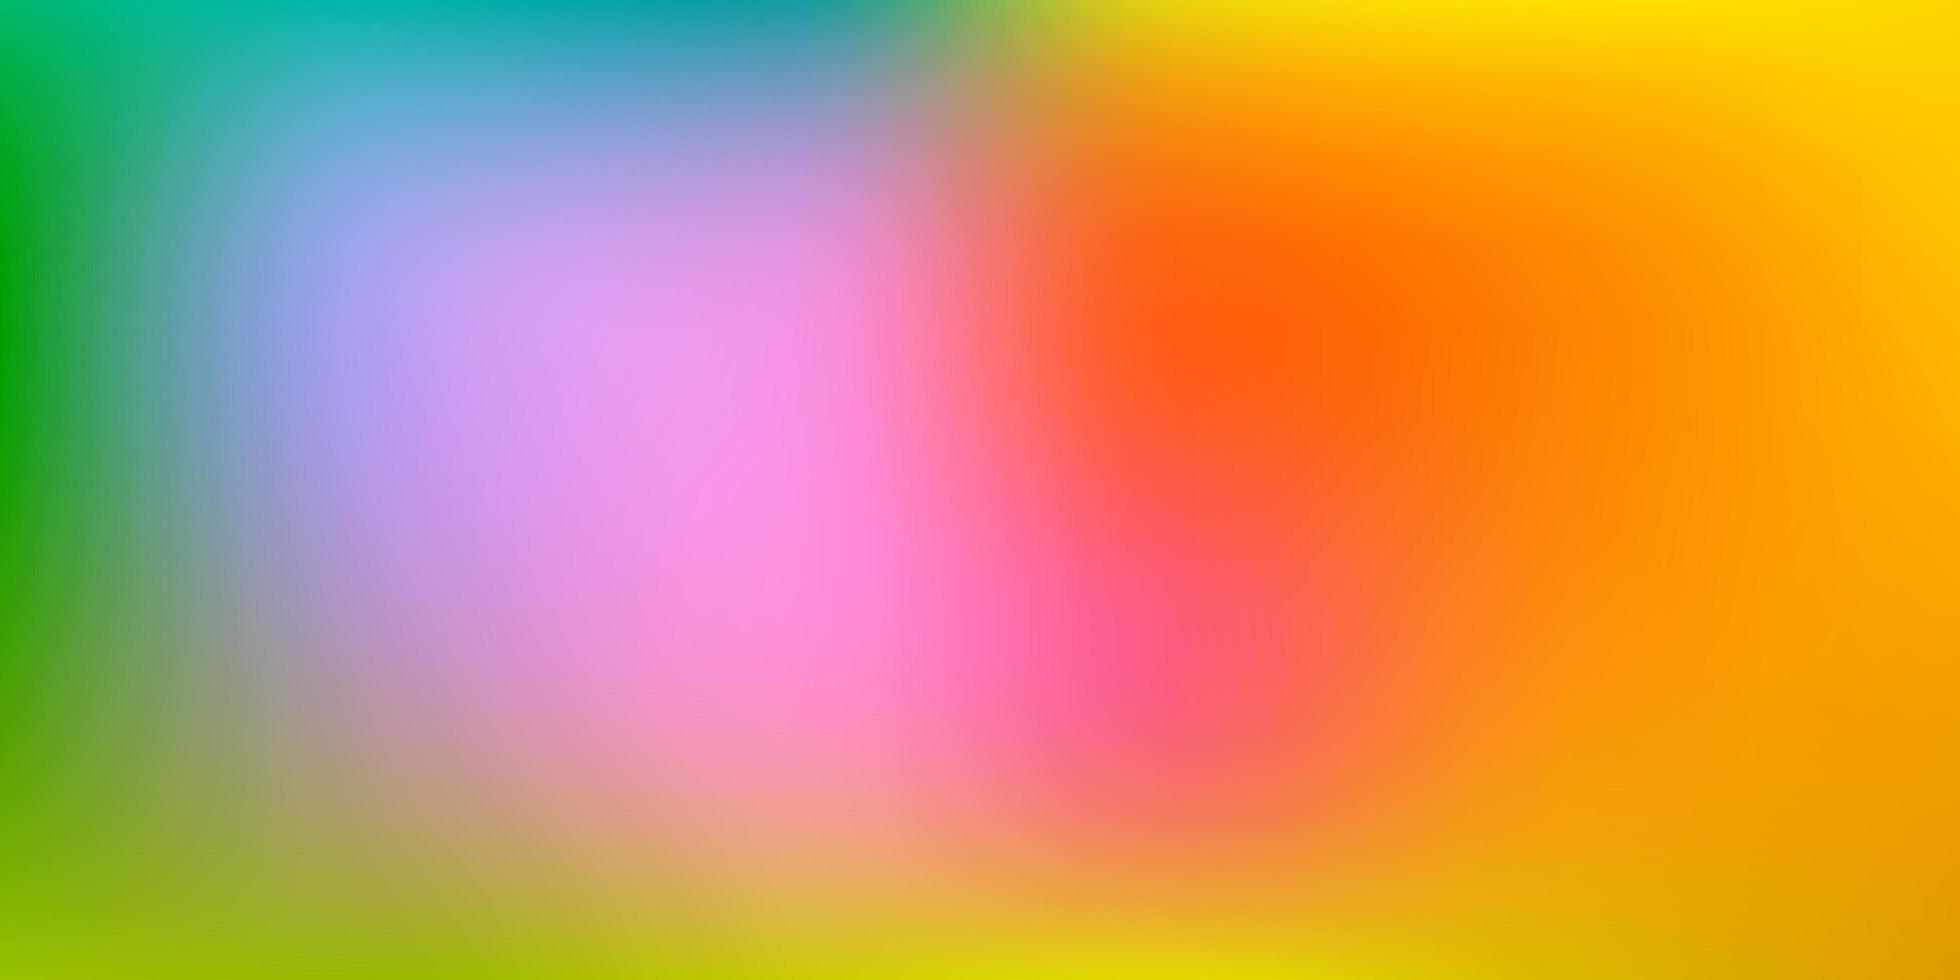 luz multicolor vetor abstrato desfocar modelo.